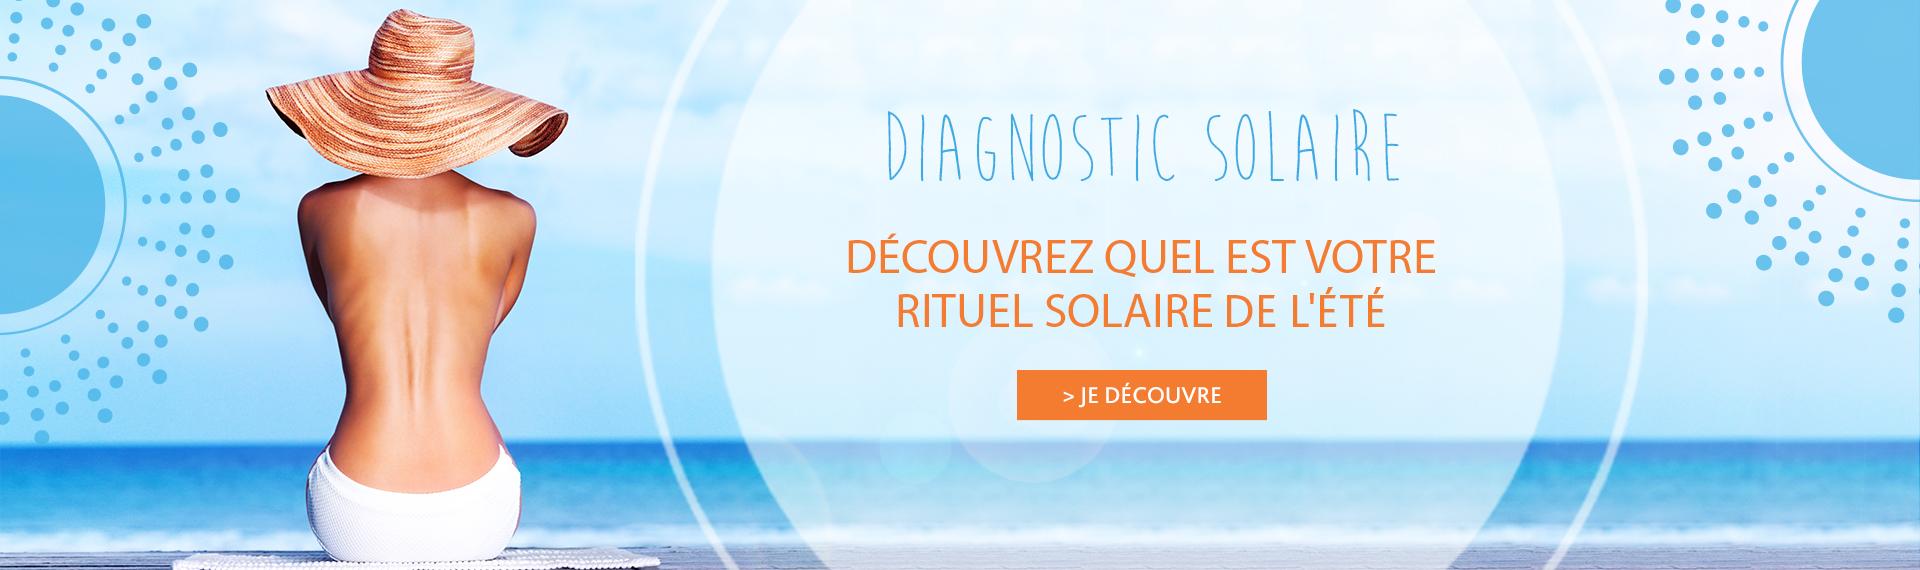 Diagnostic solaire